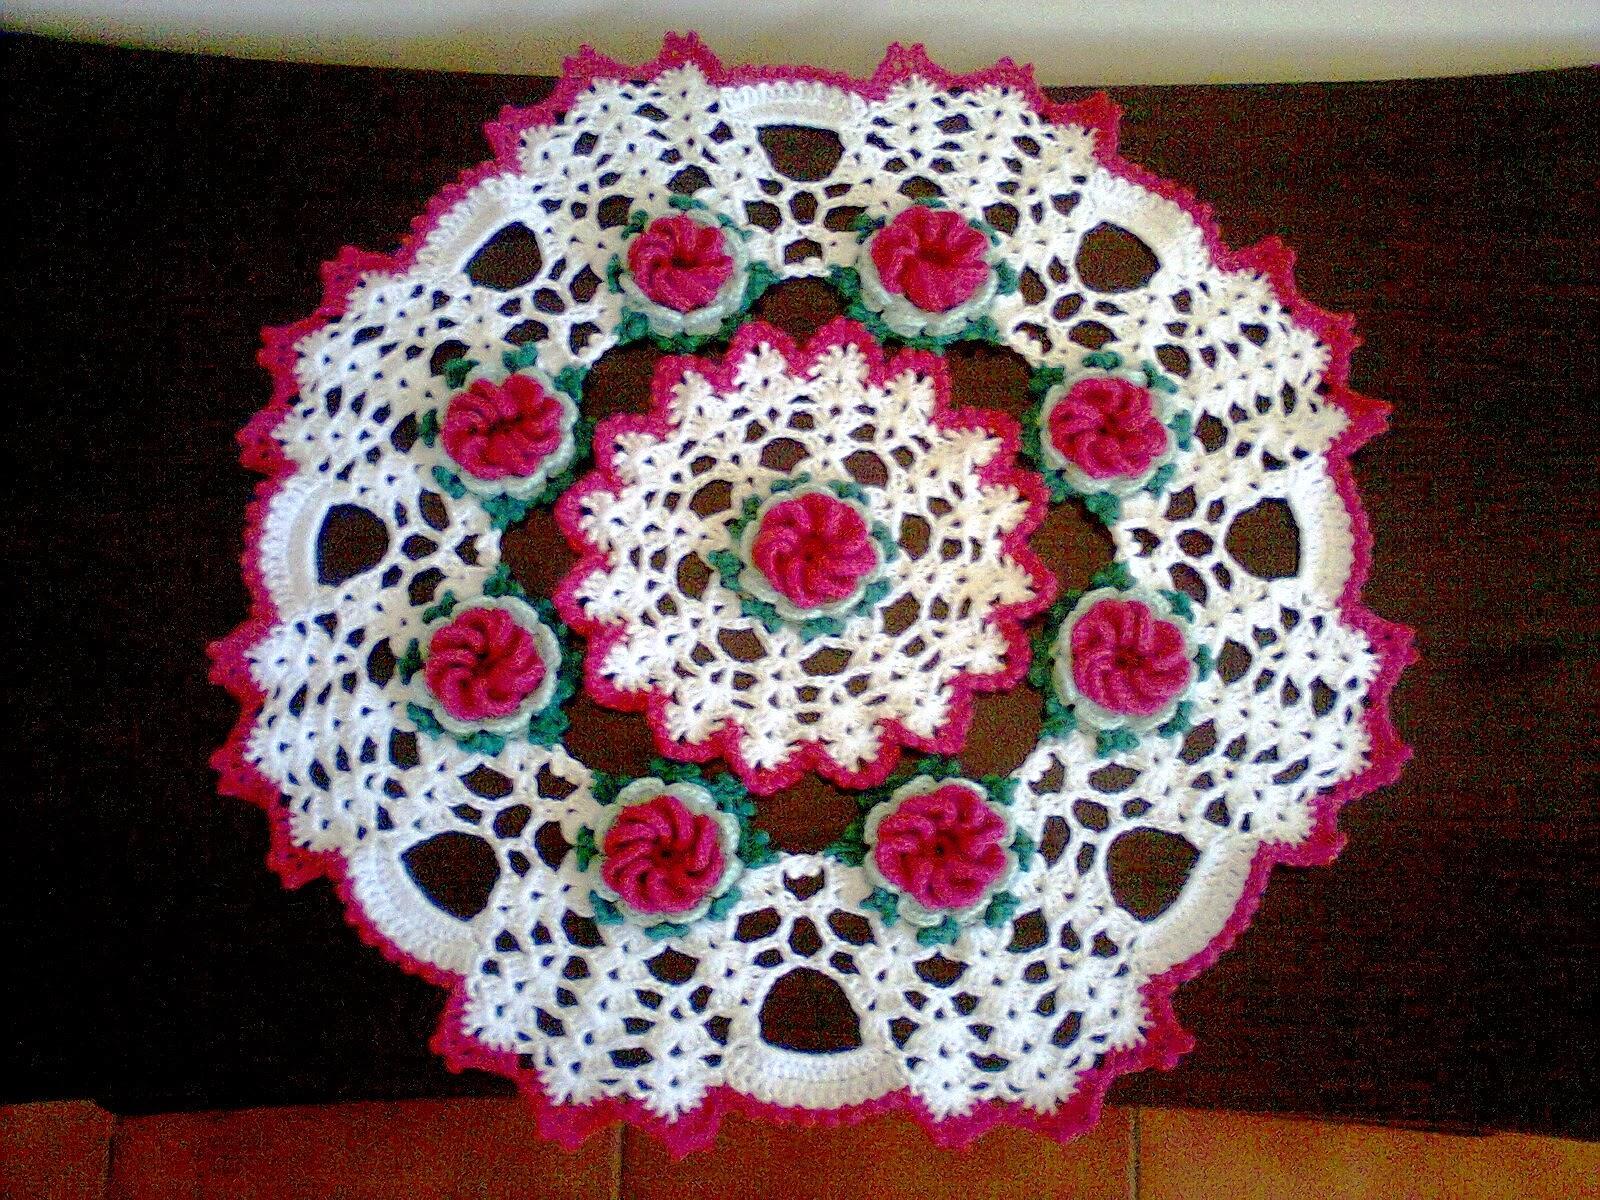 espiral usada para fazer flores de crochê em forma de caracol